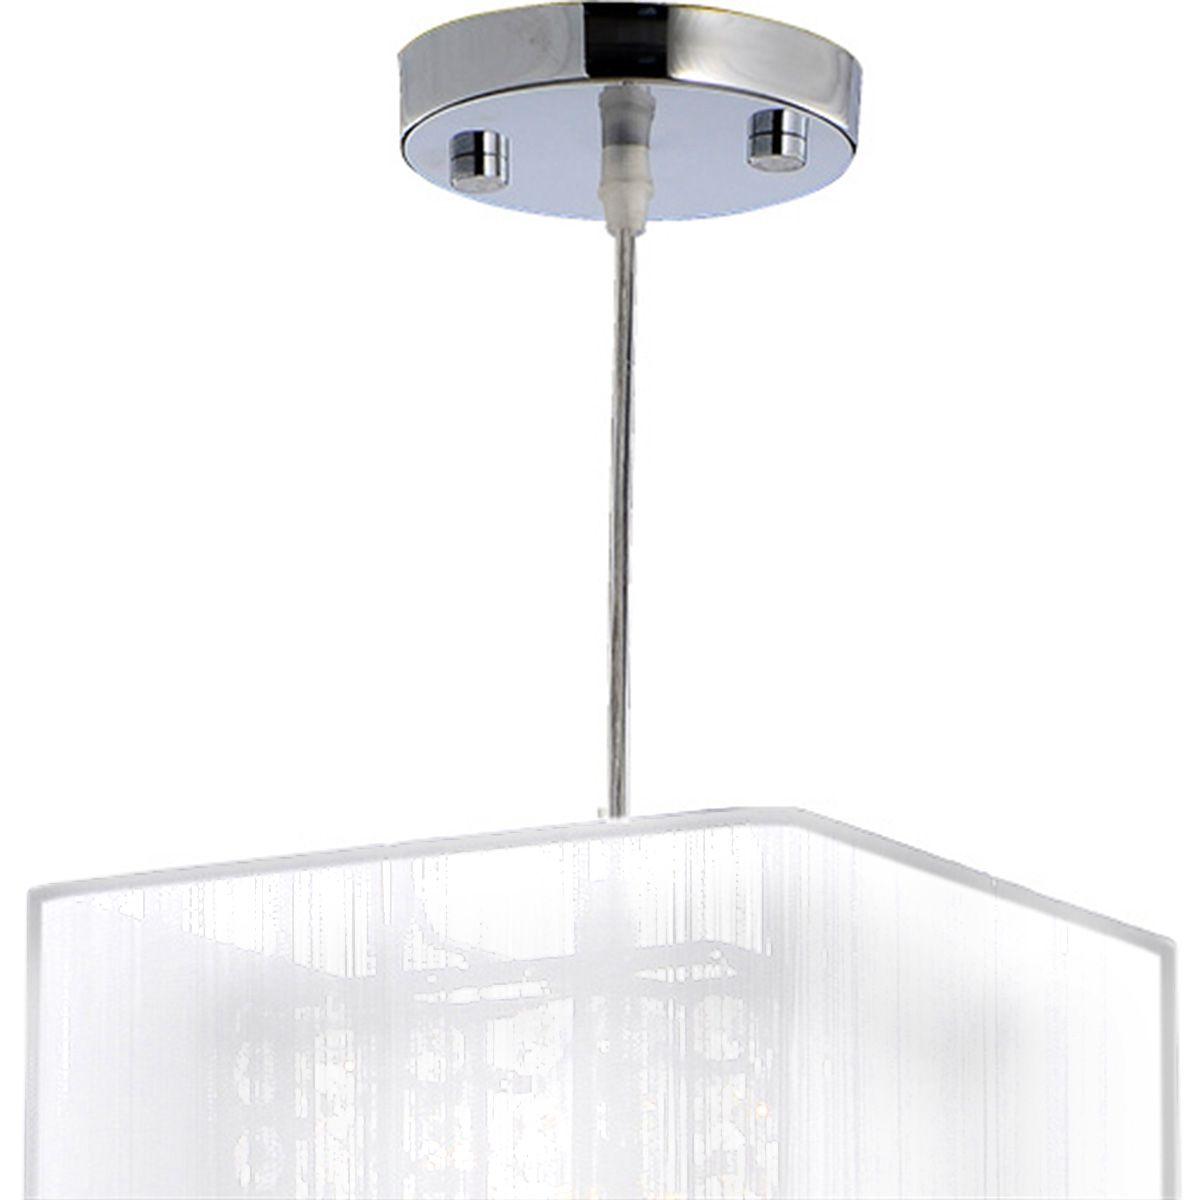 Pendente Rammer 20cm Quadrado E-27 1 Lamp. Max 60w Prata